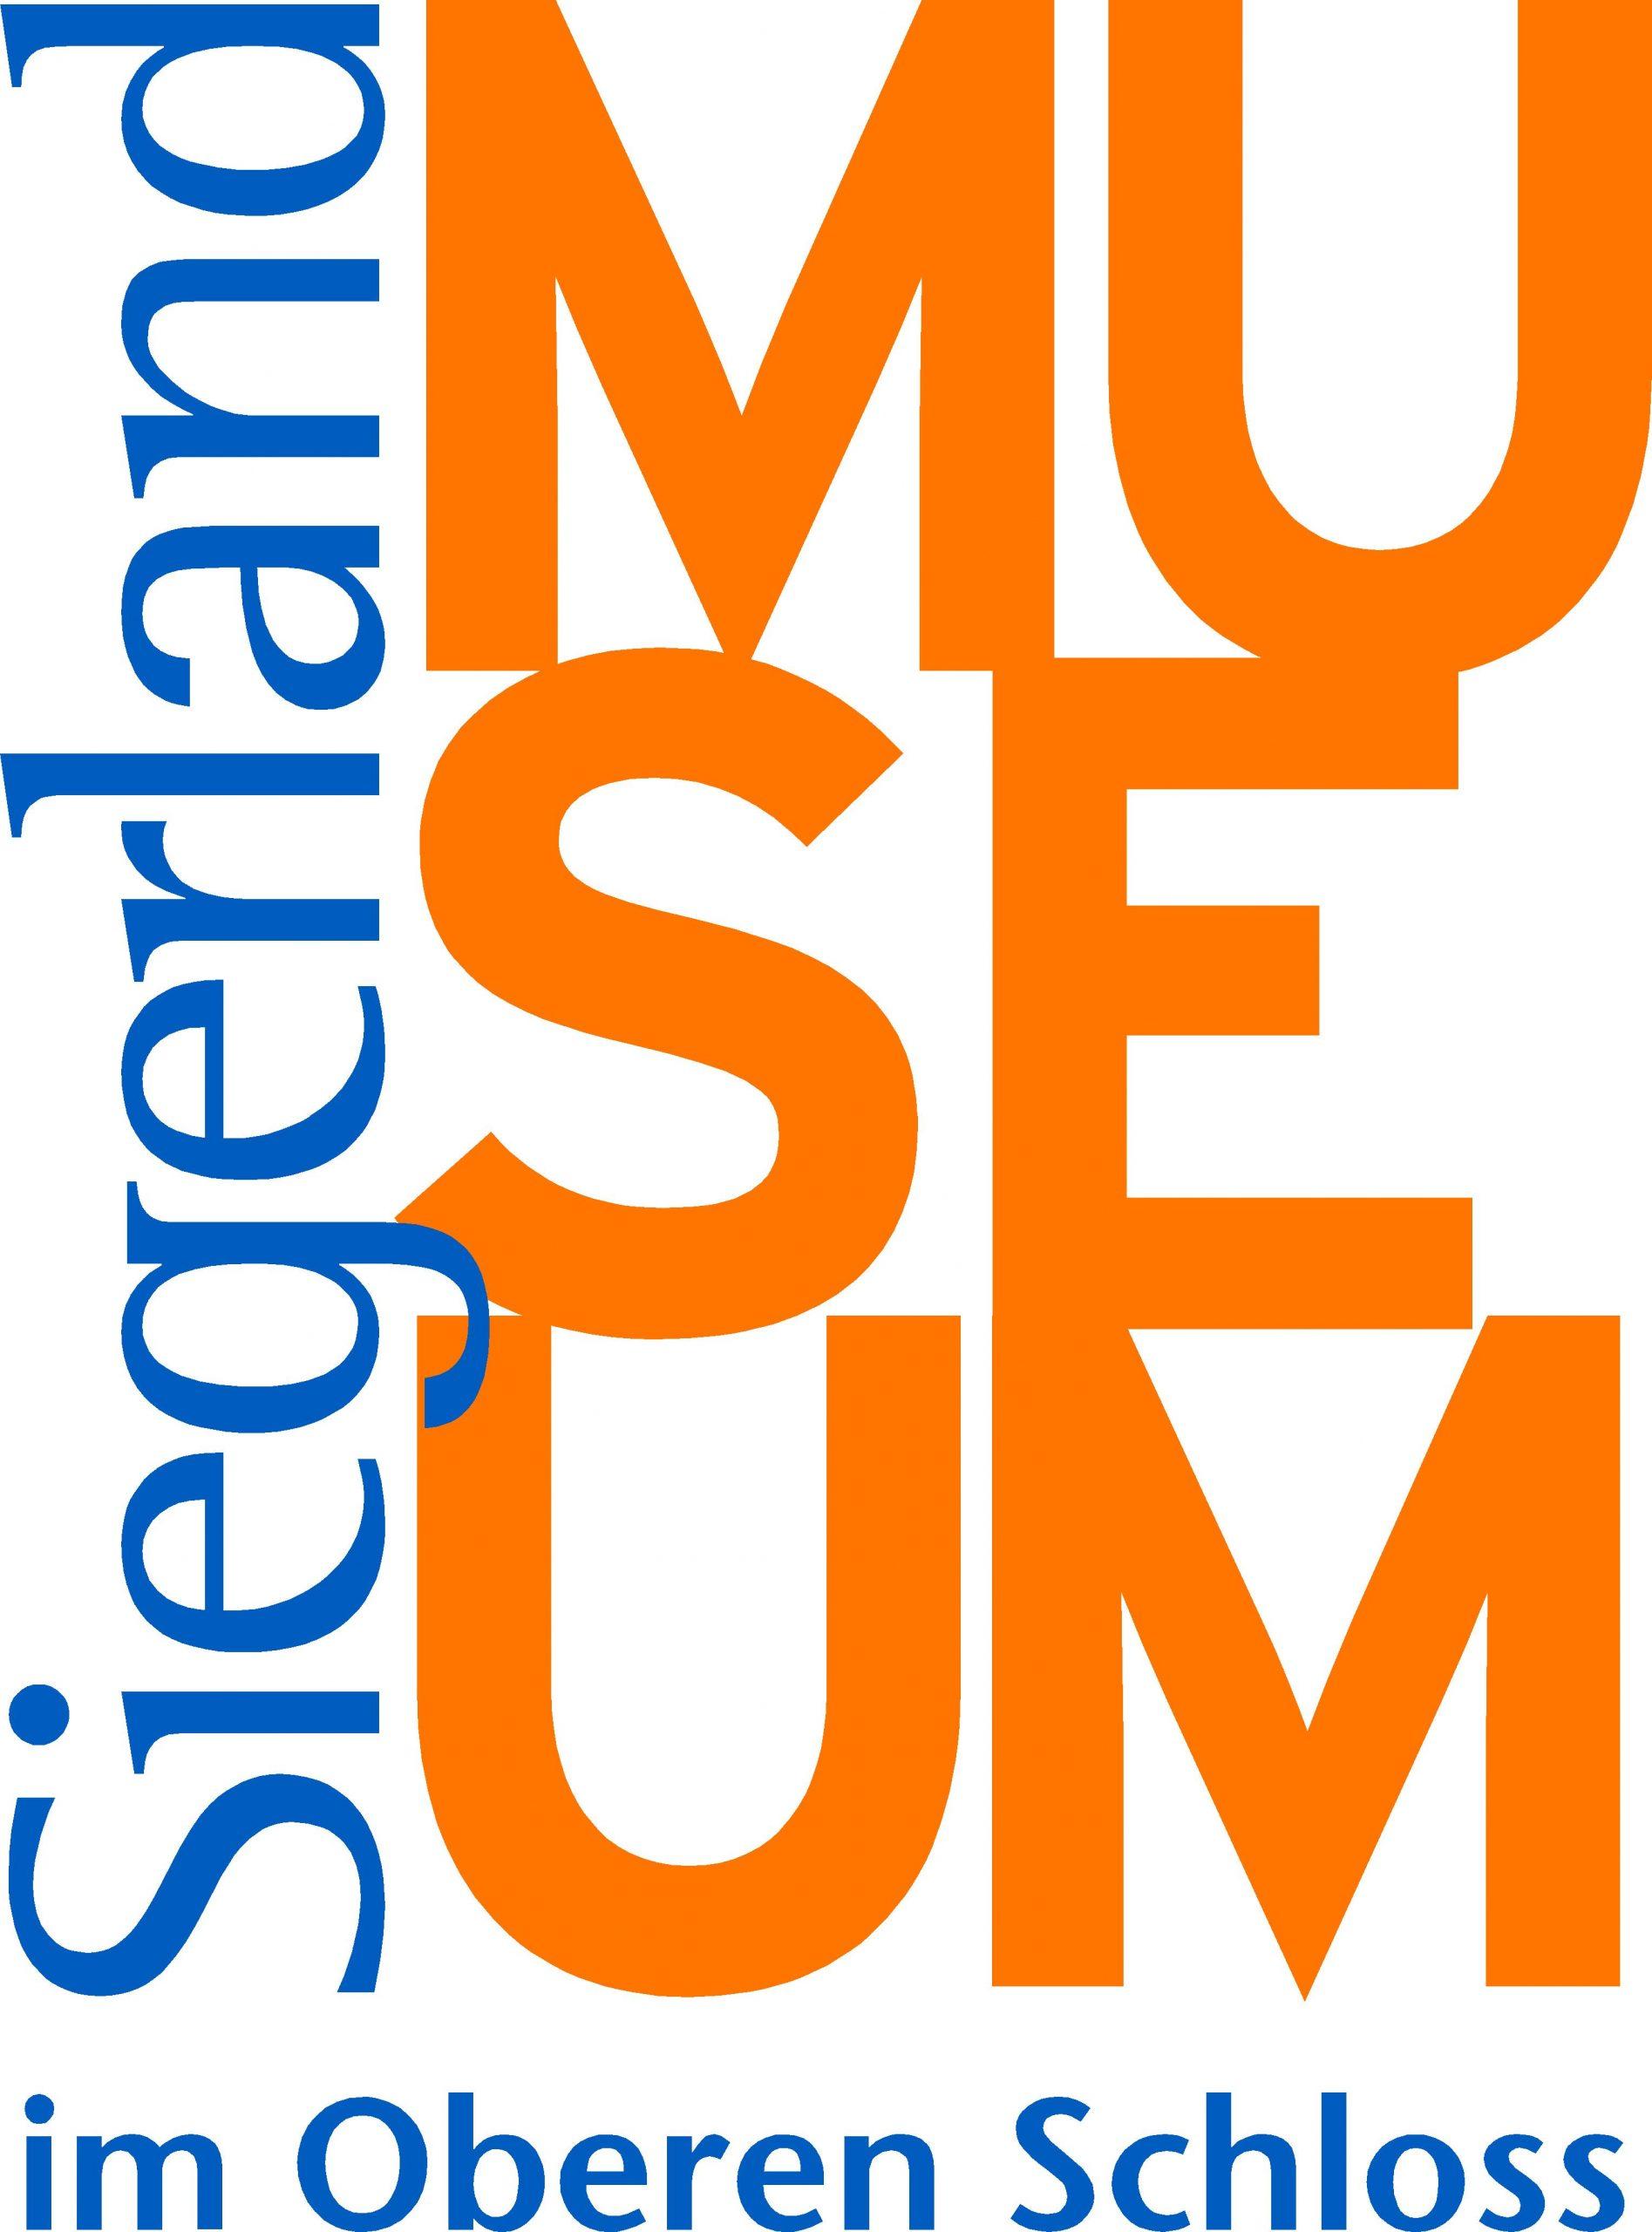 Unser Siegen ist ein Projekt des Siegerlandmuseums